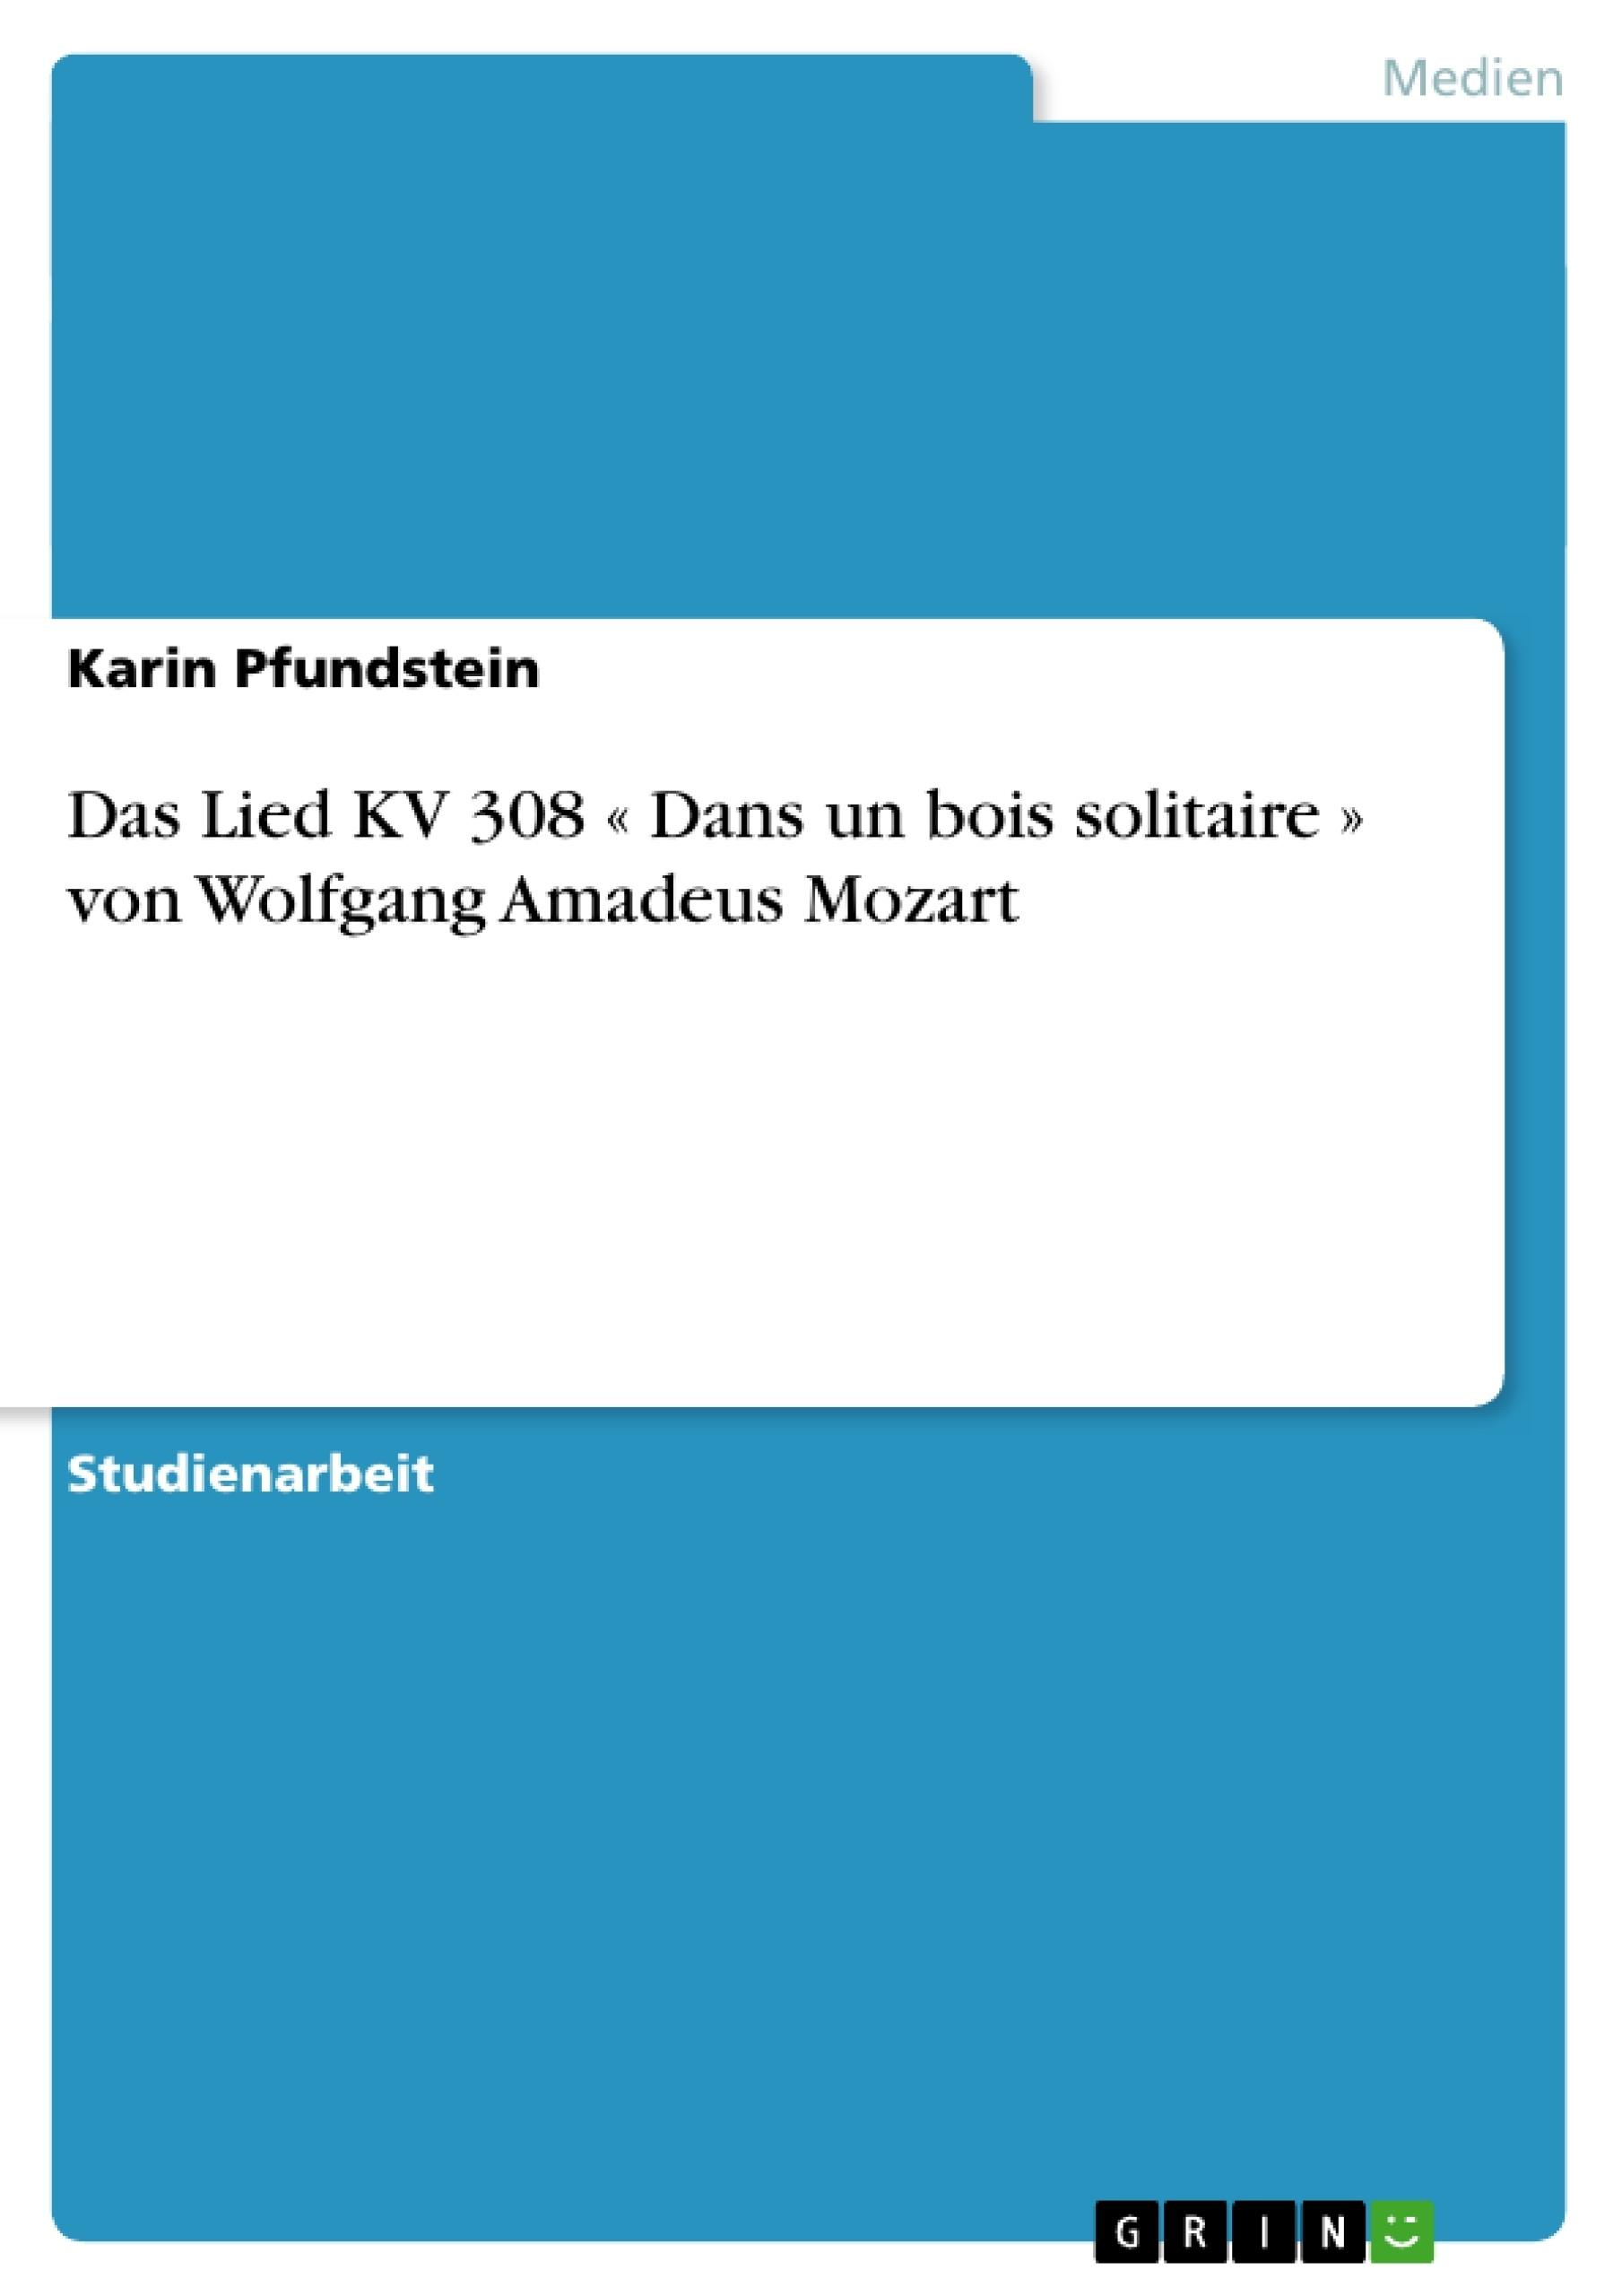 Titel: Das Lied KV 308 « Dans un bois solitaire » von Wolfgang Amadeus Mozart